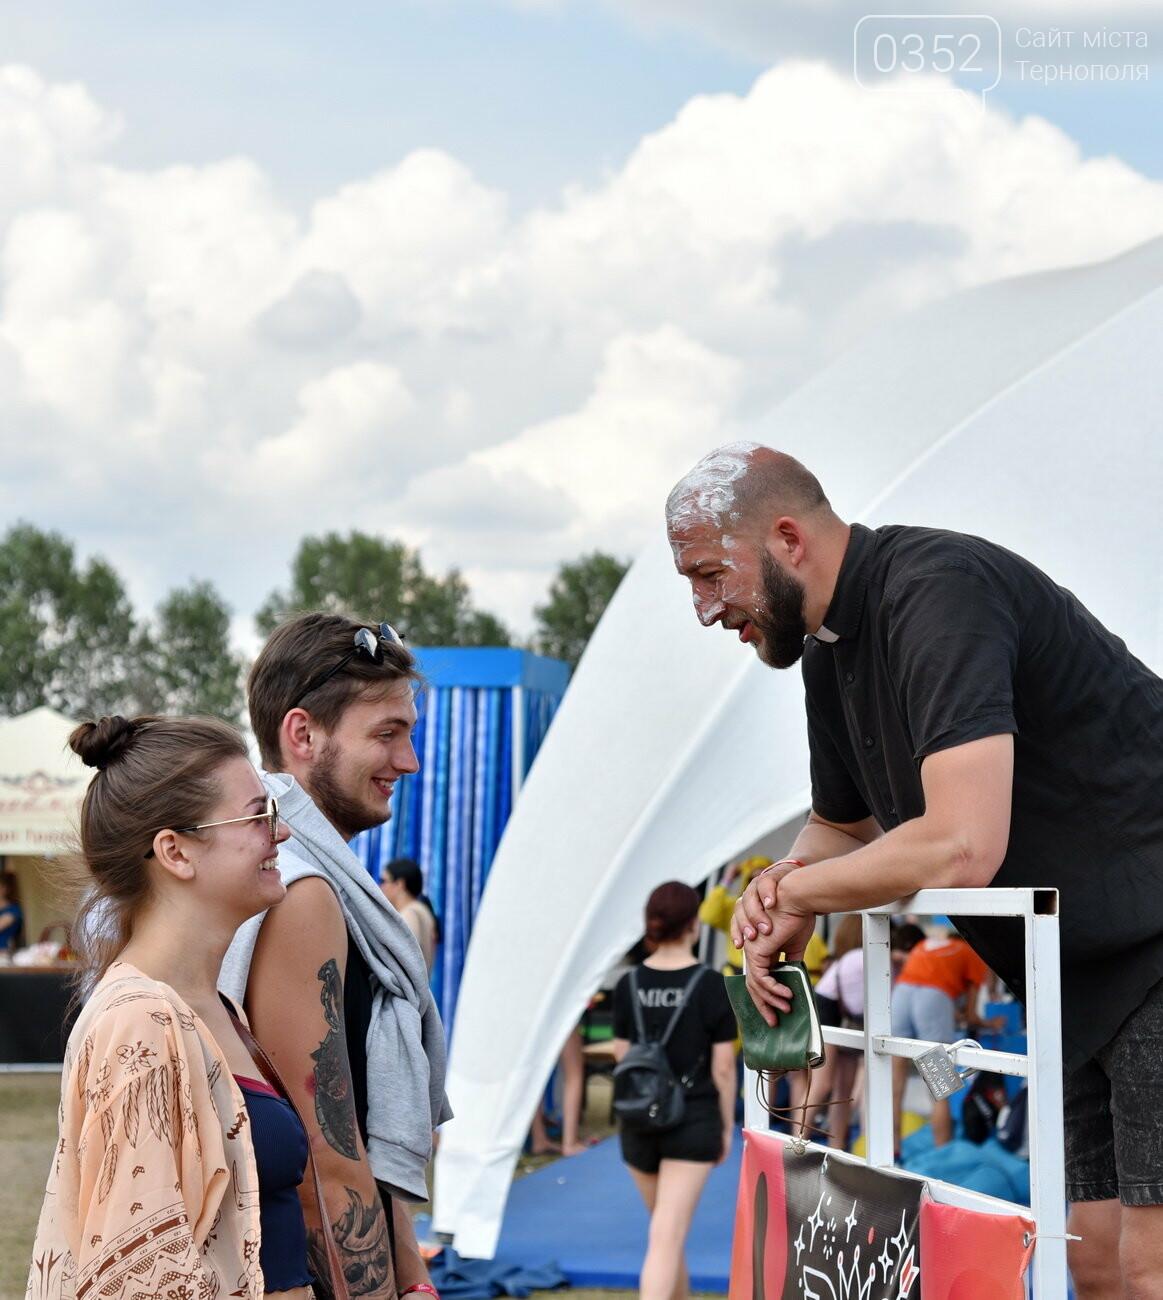 """Драйв і безтурботність: що робиться на фестивалі """"Файне місто"""" (масштабний фоторепортаж), фото-15"""